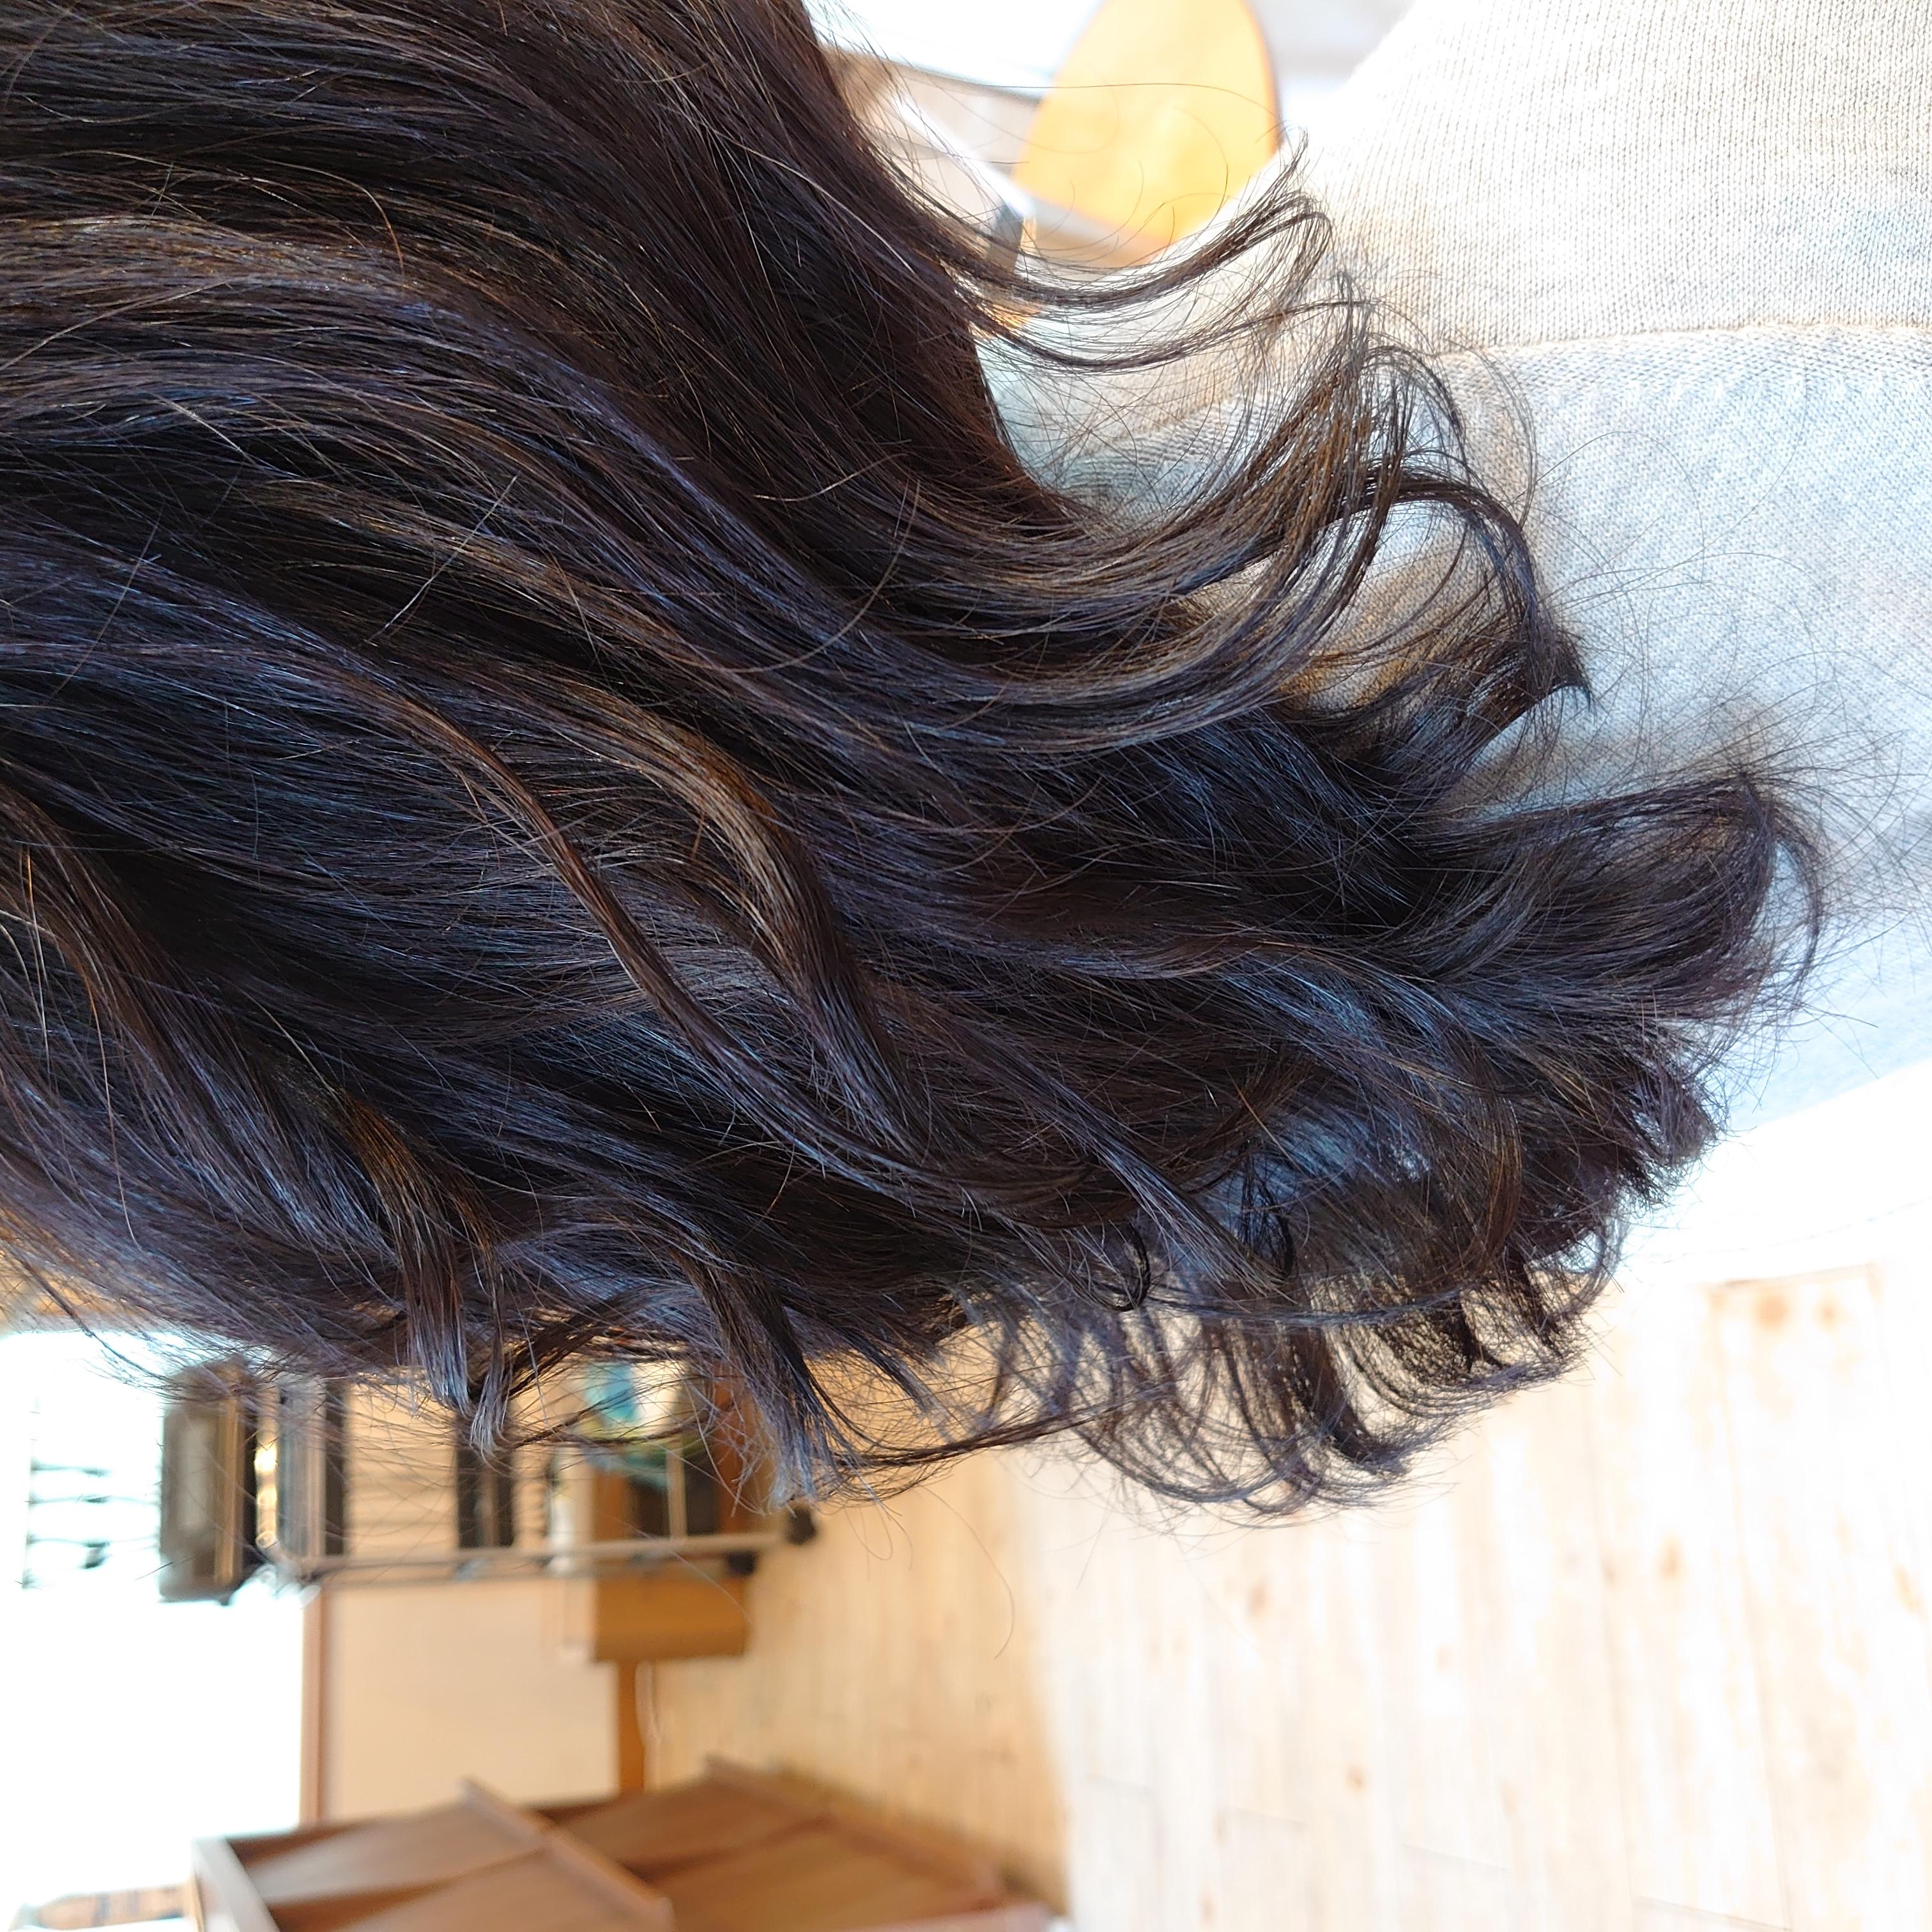 薬剤は、髪に優しい最高品質のものに厳選し、髪の毛に負担をかけない低ダメージの施術を心がけています。